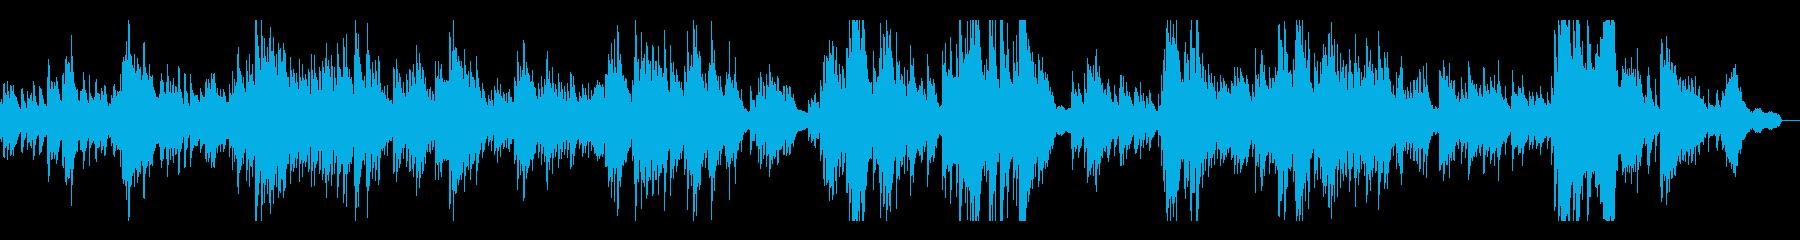 大切な思い出~温かく少し切ないピアノソロの再生済みの波形